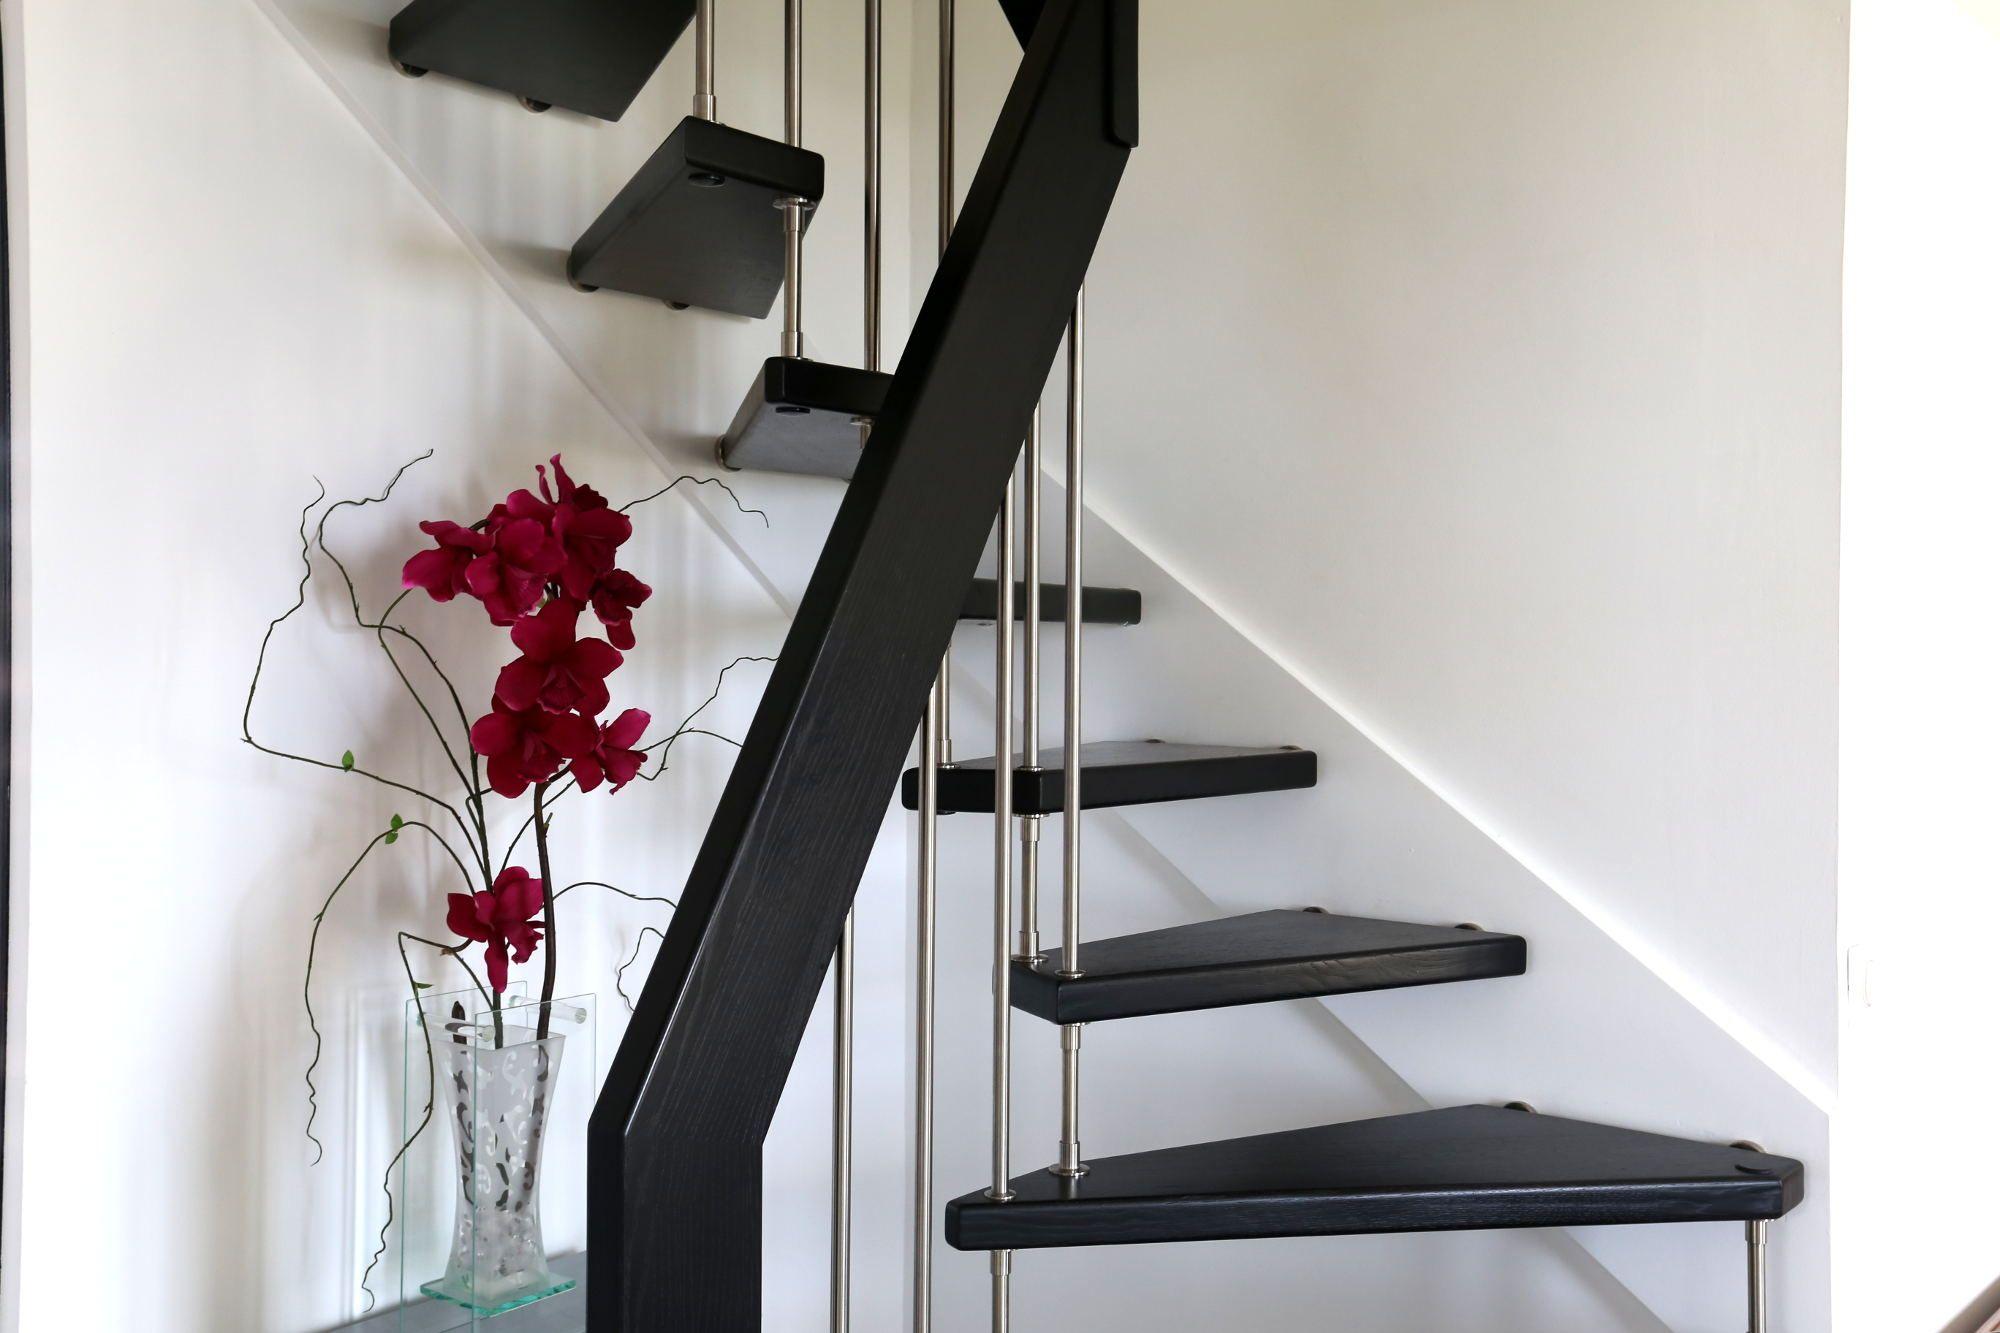 Passion Bois dedans escalier en bois teinté noir ! plus d'informations sur : escaliers